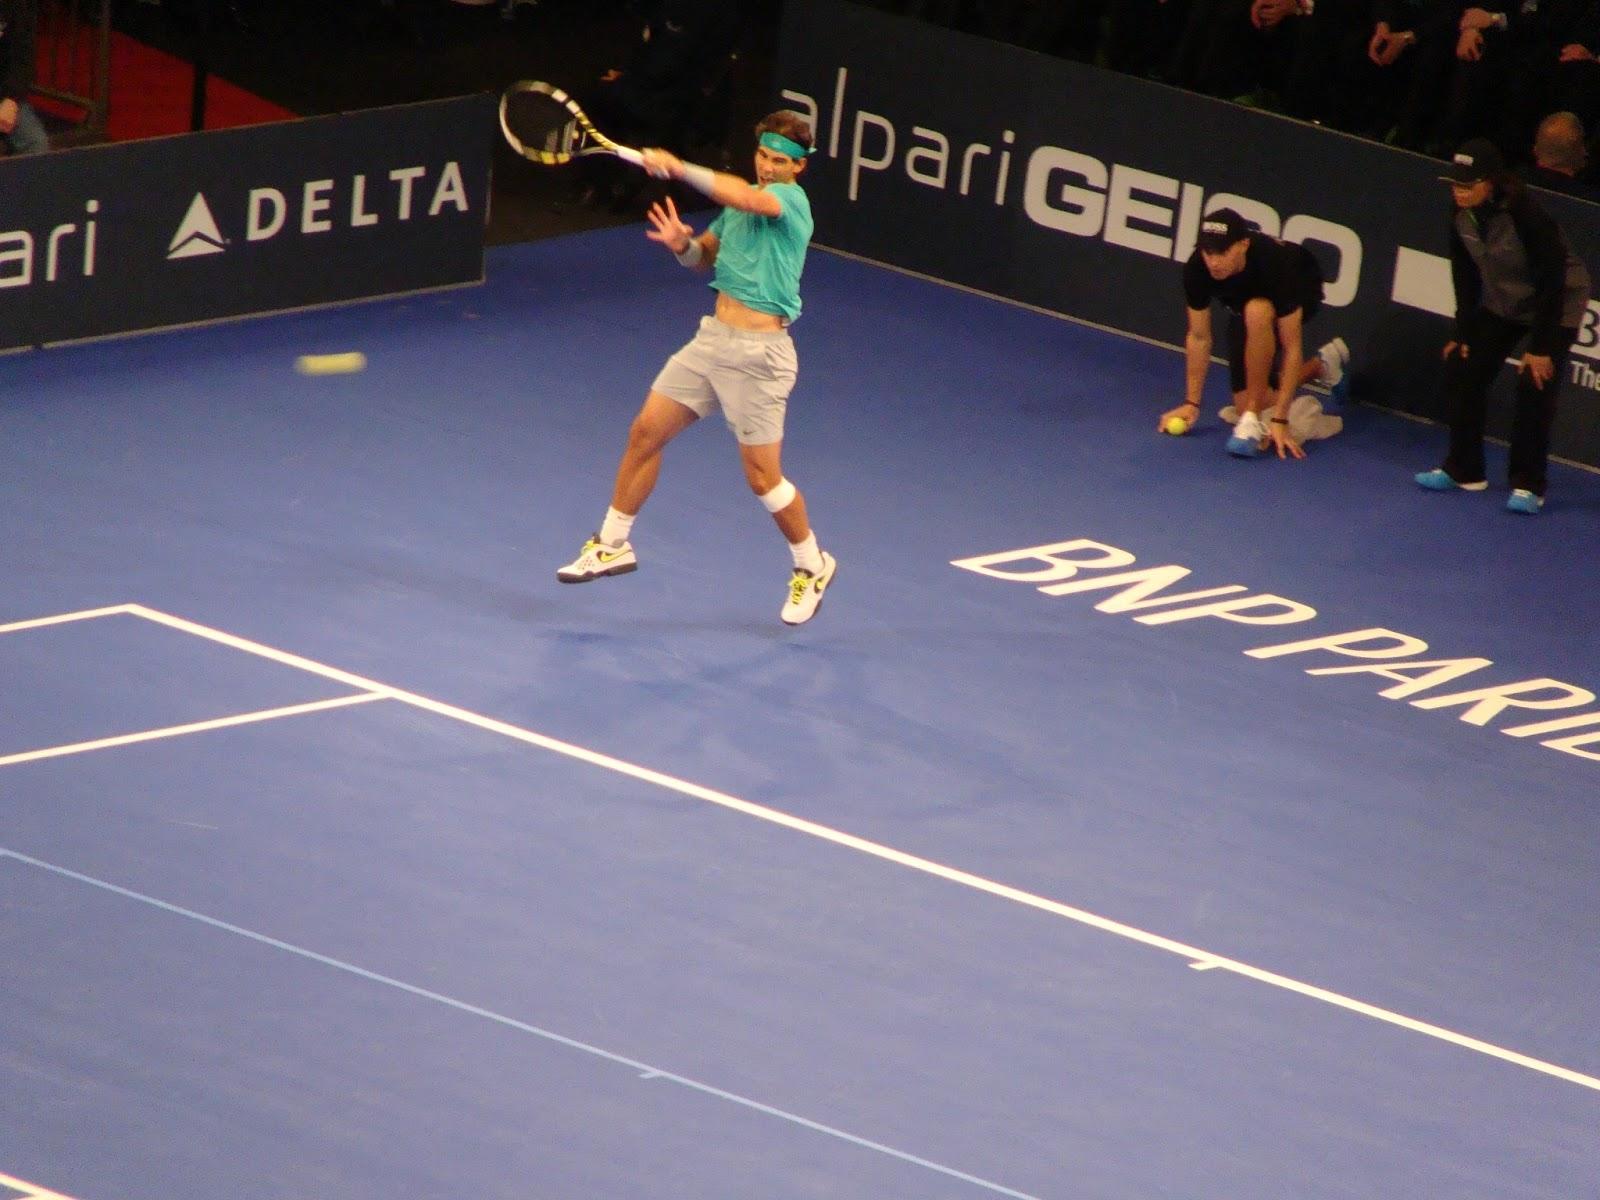 New Angoul Me Soir E Tennis Au Madison Square Garden